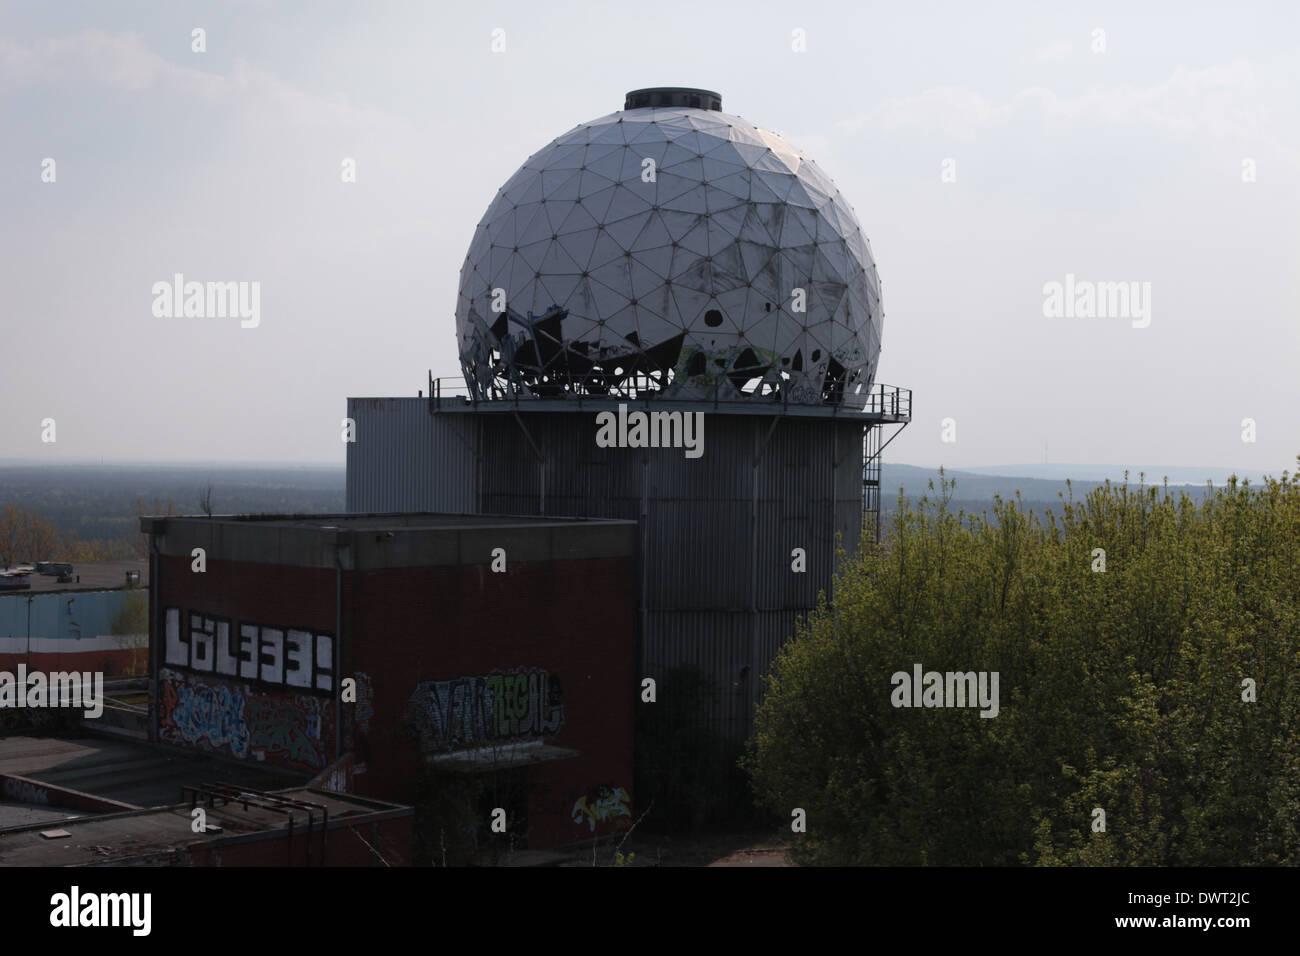 Radom des Kalten Krieges NSA (National Security Agency) Spion Horchposten auf Teufelsberg Hügel, Berlin Stockbild